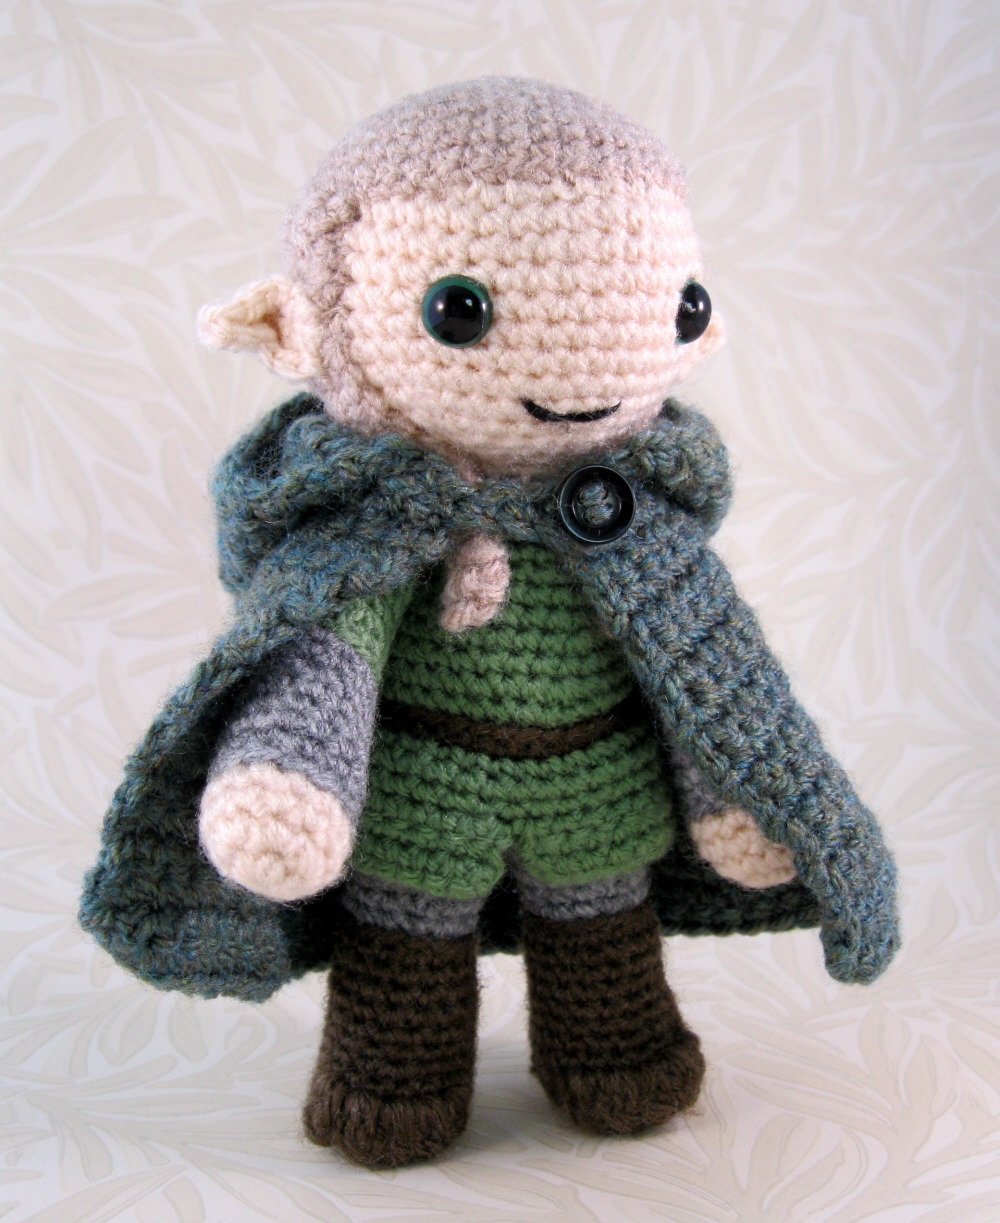 Tutorial Elfi Amigurumi : LucyRavenscar - Crochet Creatures: Fantasy Amigurumi - Elves